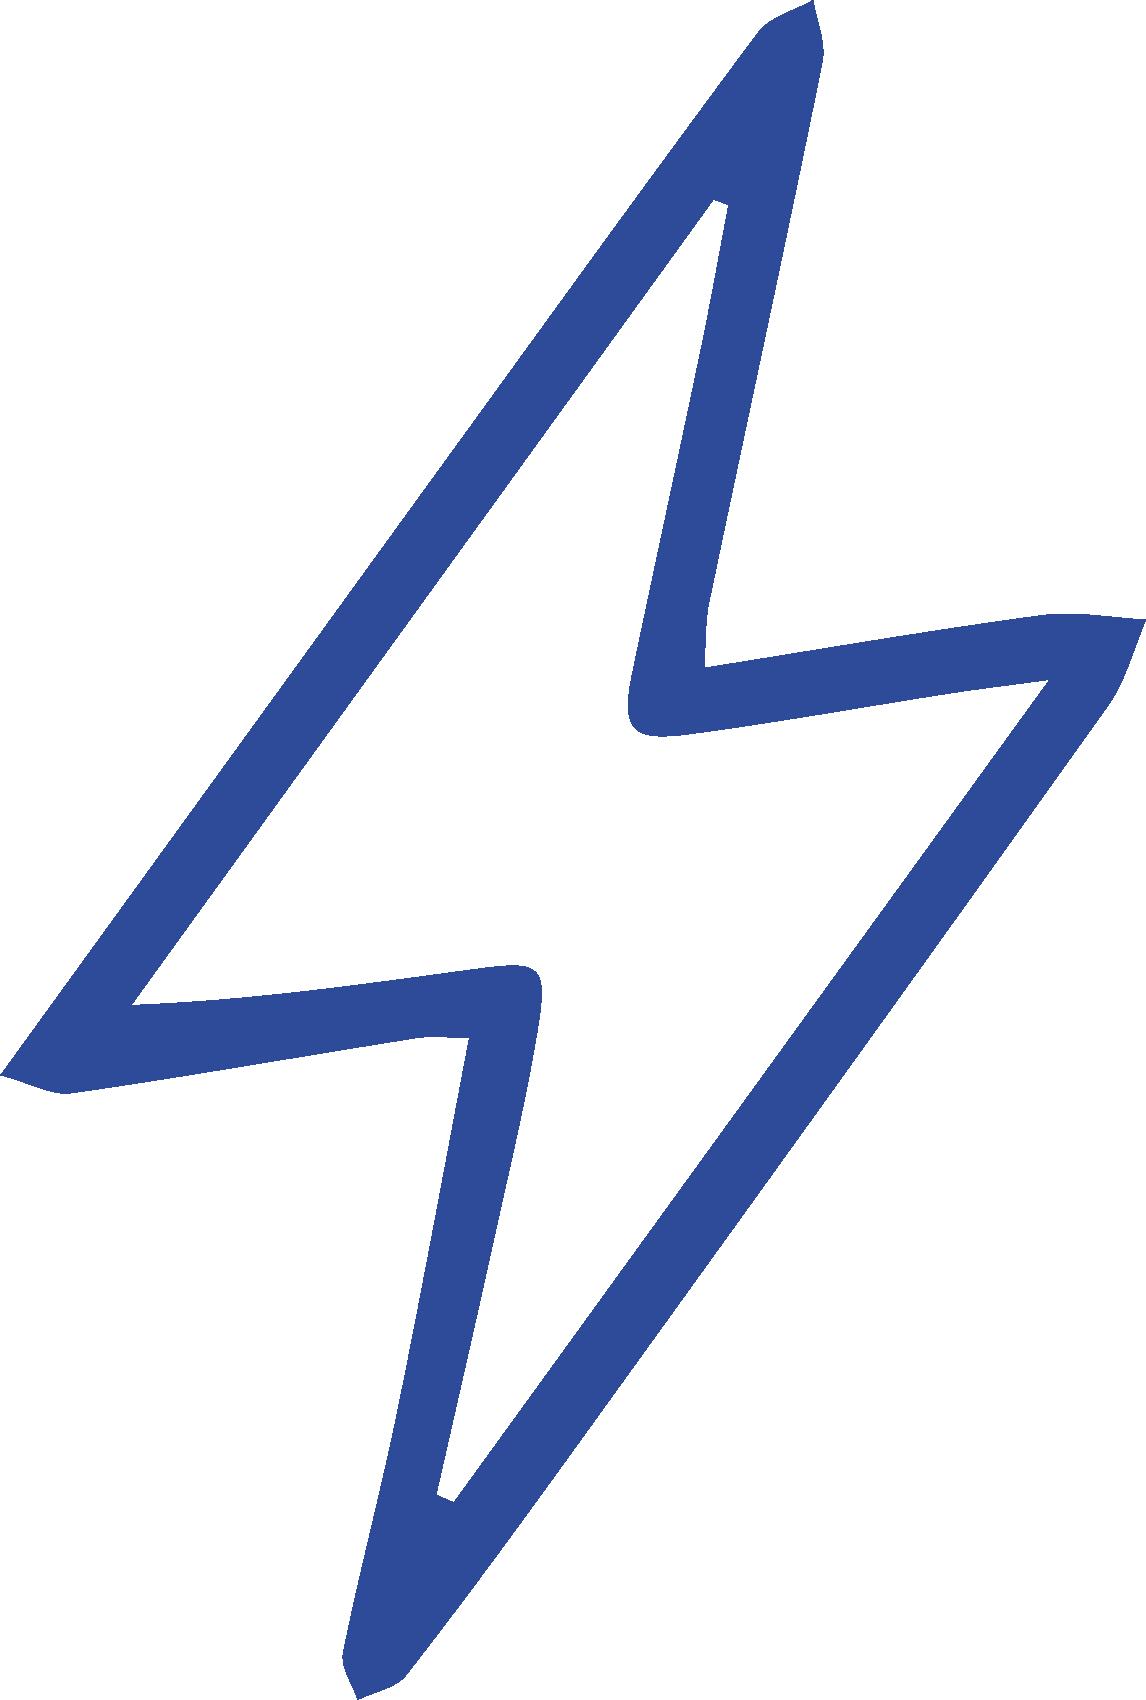 inverter icon